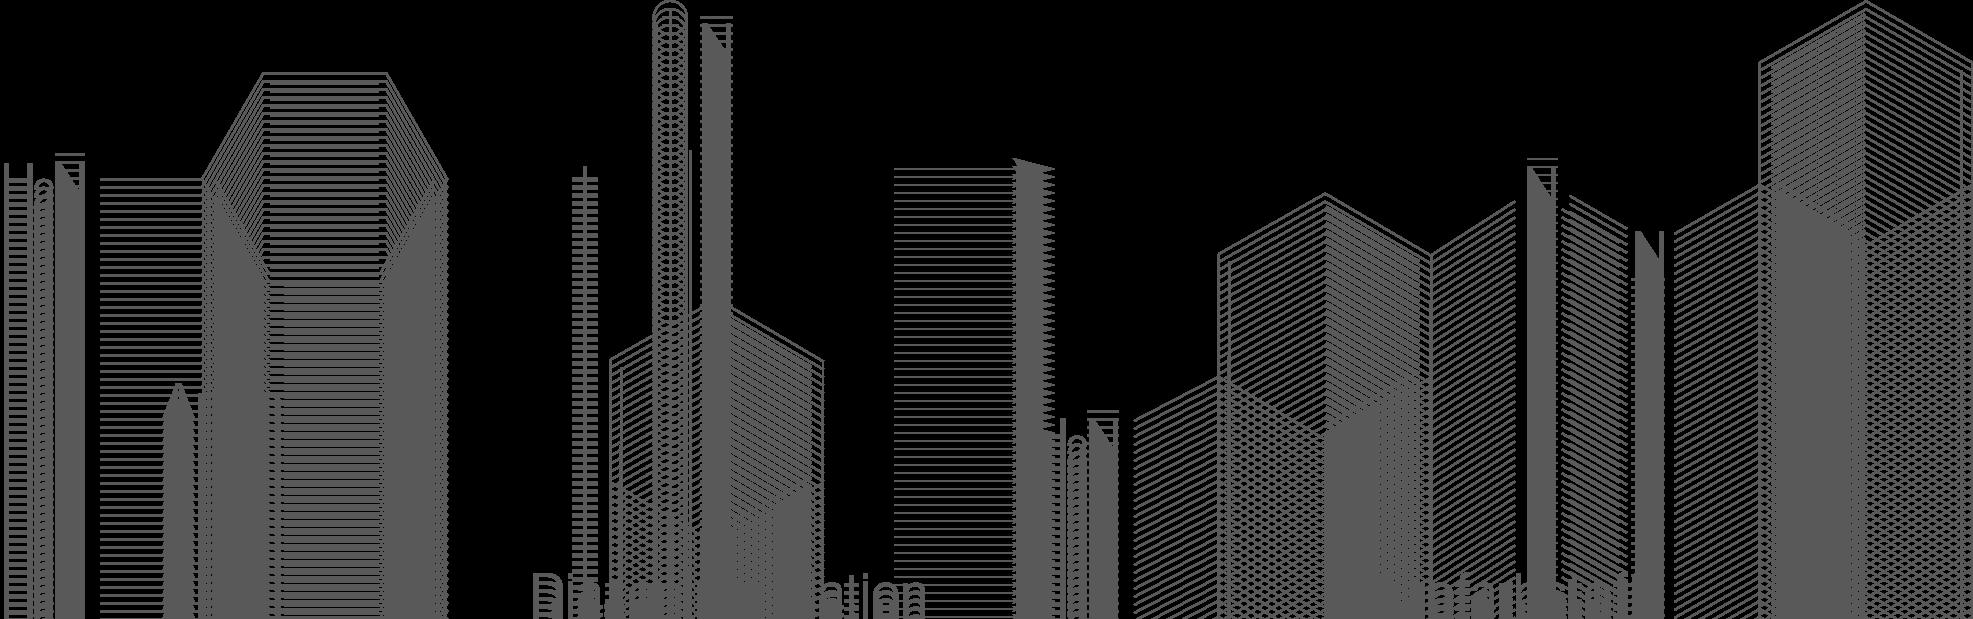 Farbstoffe: Azofarbstoffe und die Absorption